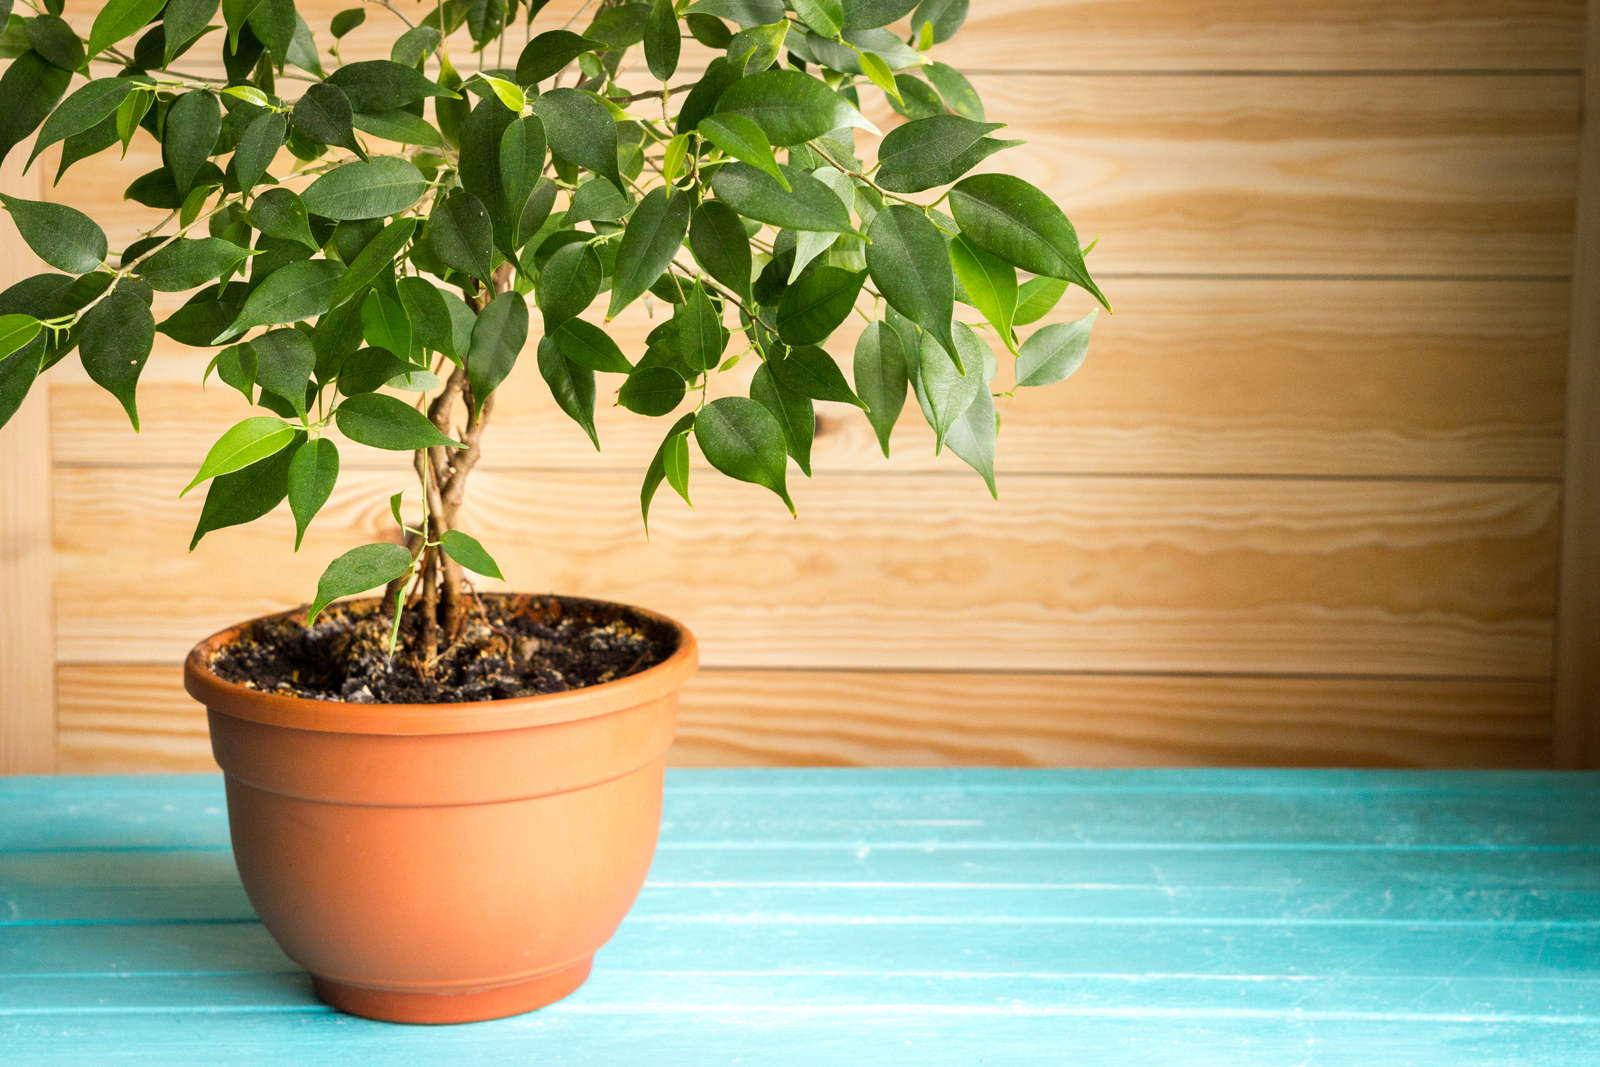 Luftreinigende Pflanzen: Die Top 10 - Plantura